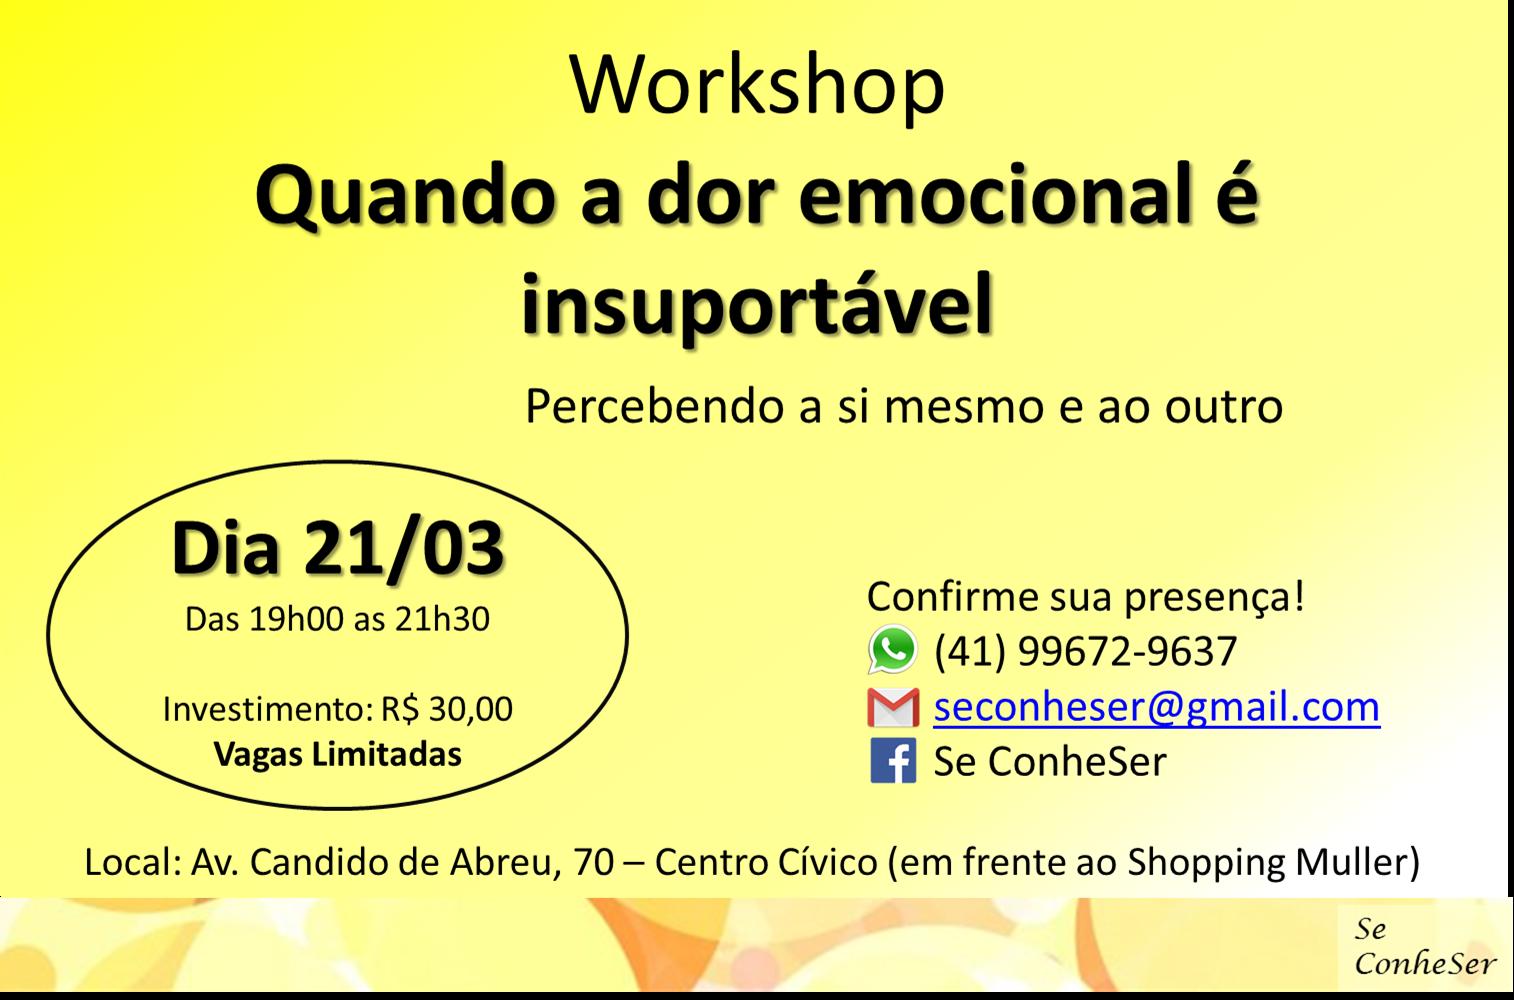 Workshop: Quando a dor emocional é insuportável: Percebendo a si mesmo e ao outro